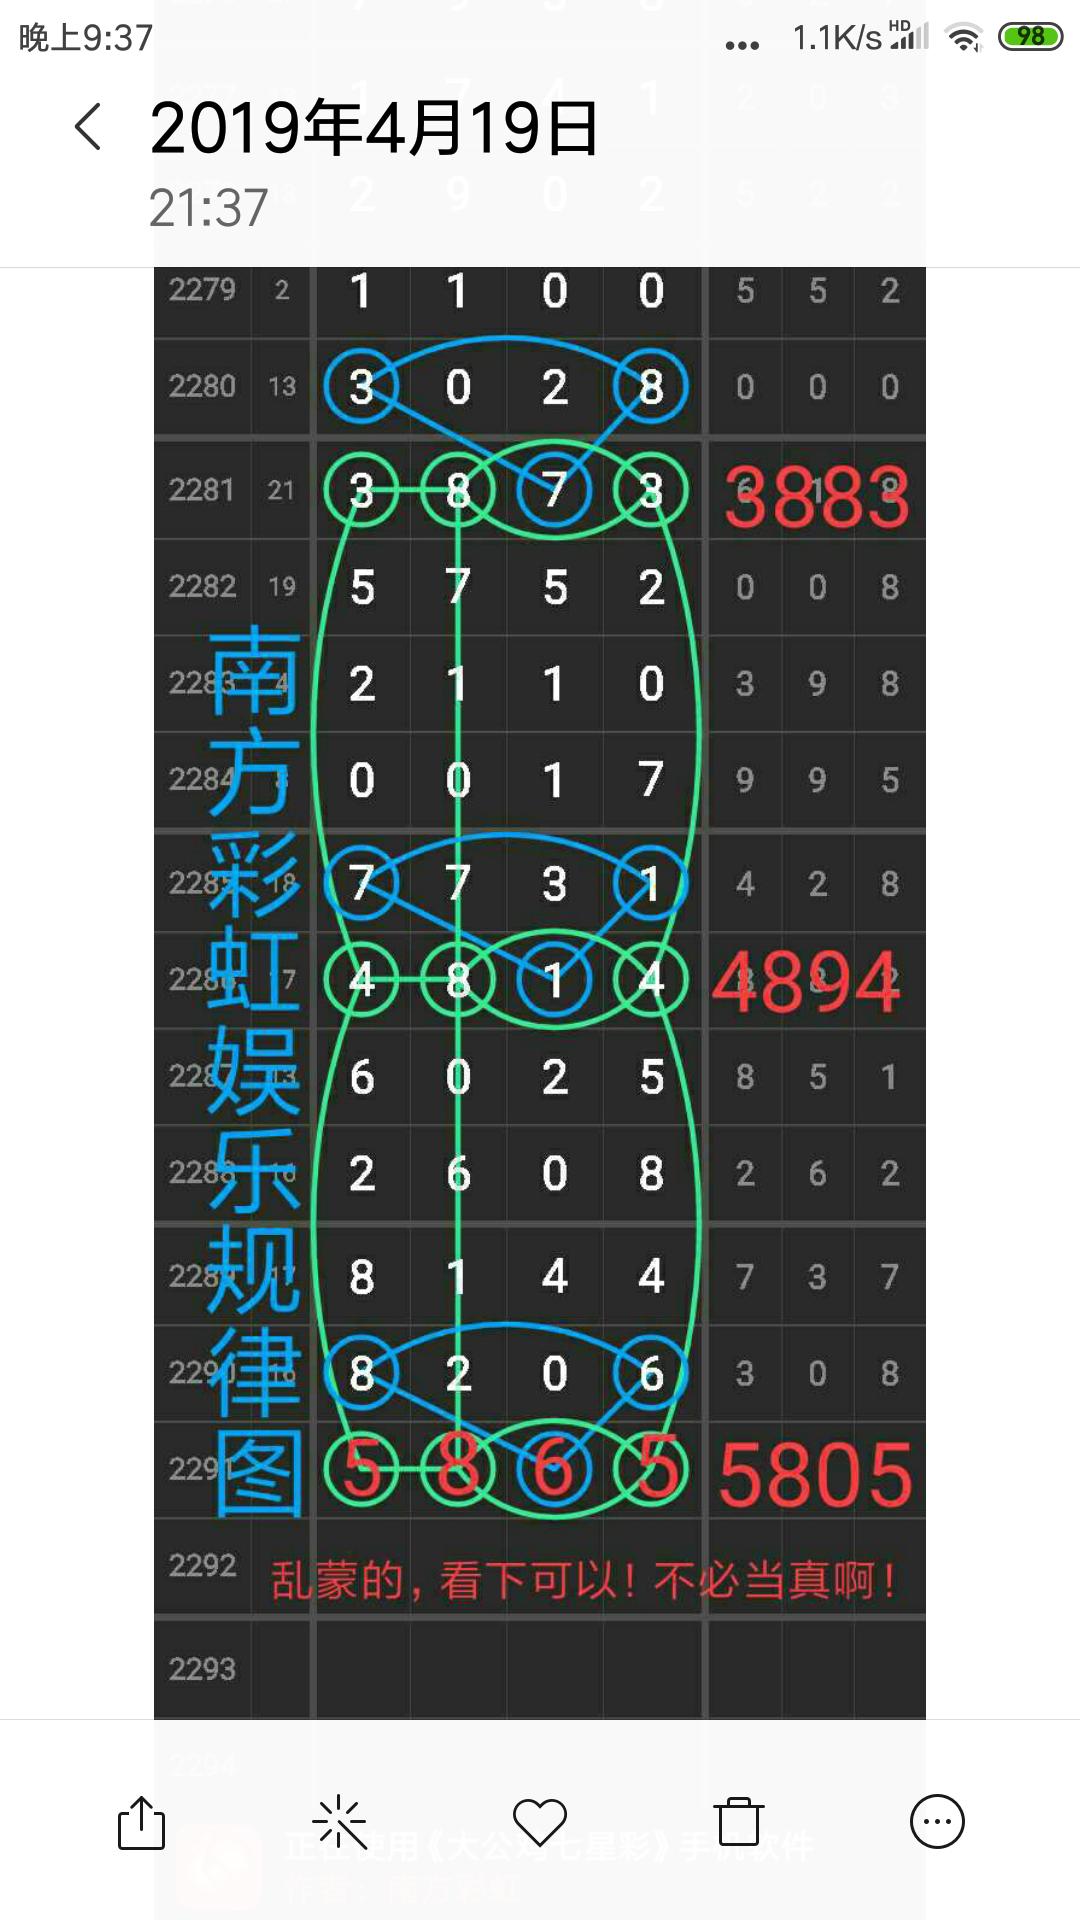 七星彩2291期规律